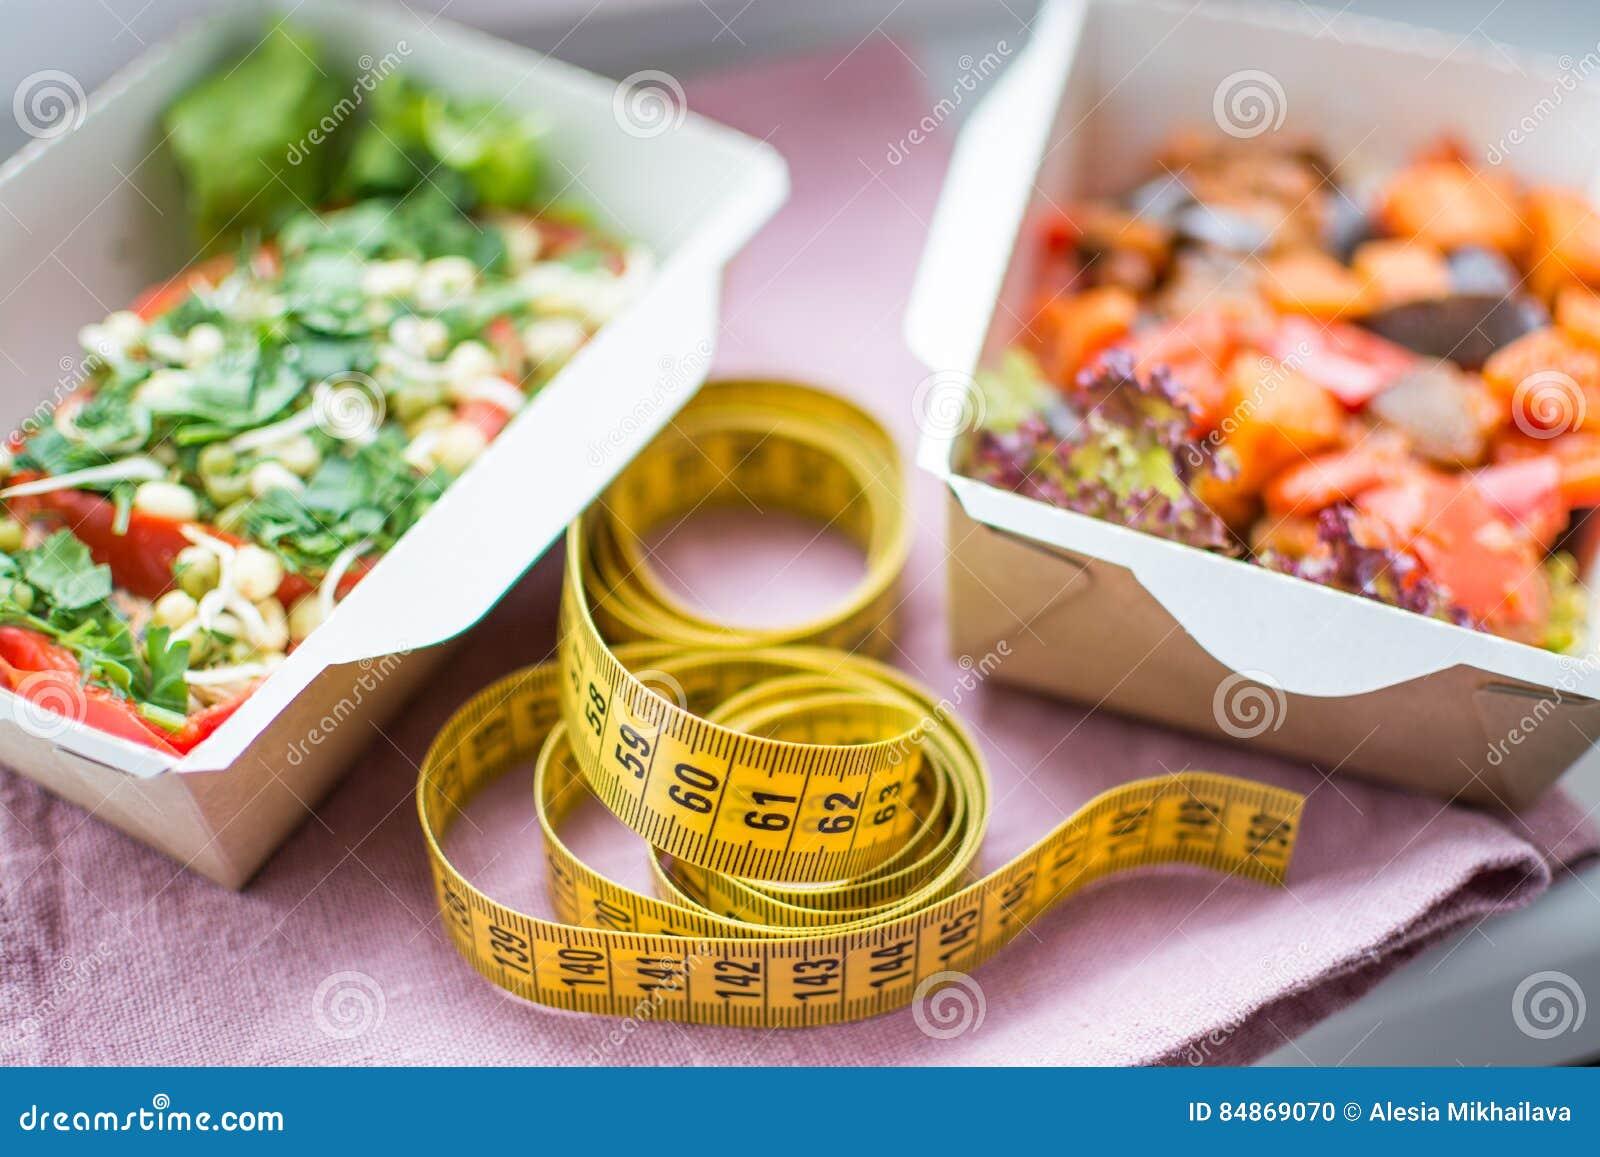 Здоровый план питания Свежая ежедневная поставка ед Еда ресторана для одного, овощ, мясо и плодоовощи в коробках фольги, воде выт